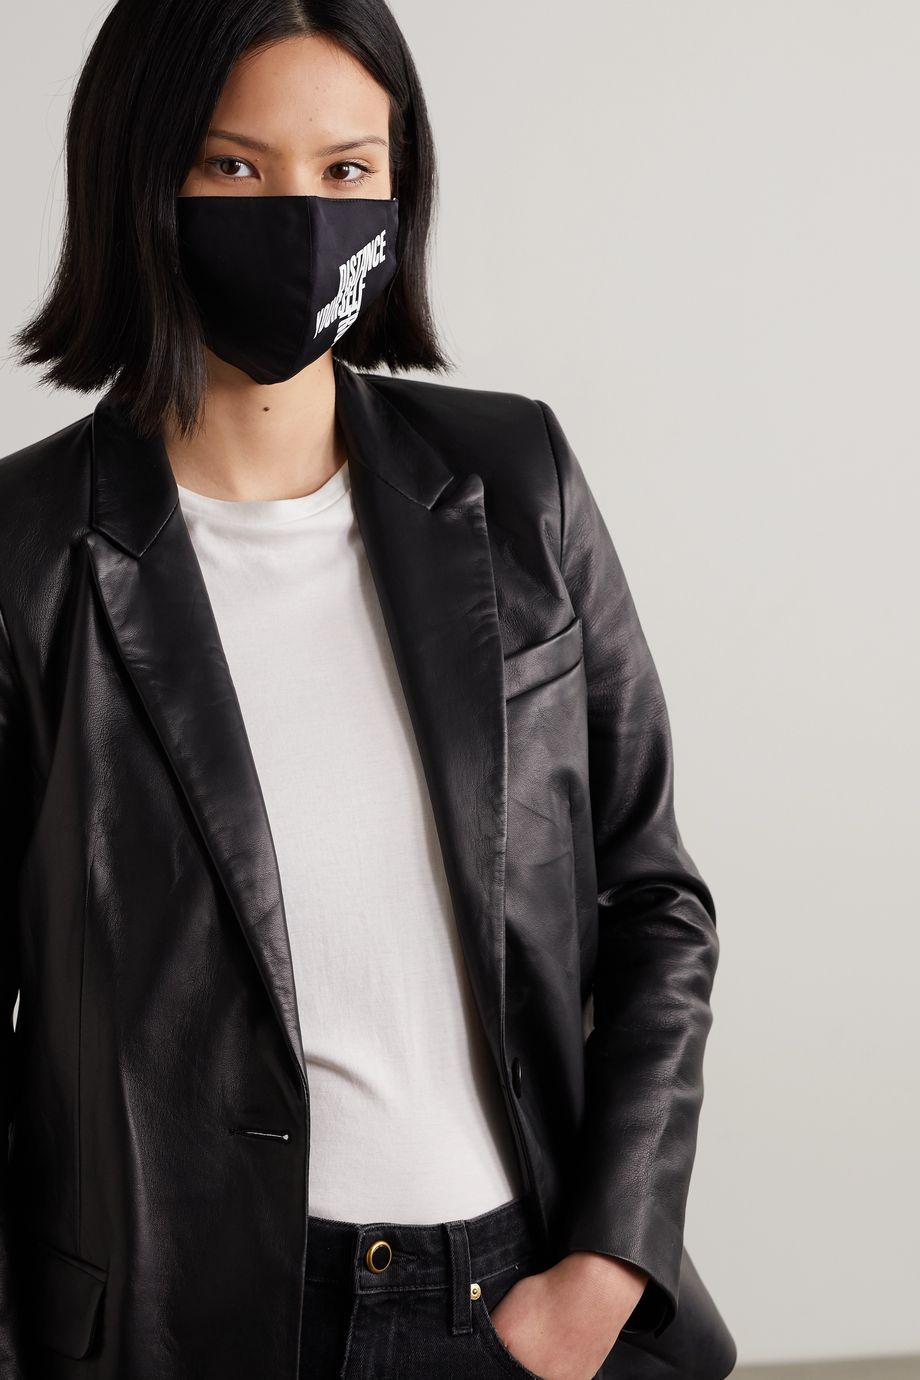 Jason Wu Collection + GMHC + CollectiveShift Mund- und Nasenbedeckung aus bedrucktem Baumwoll-Twill